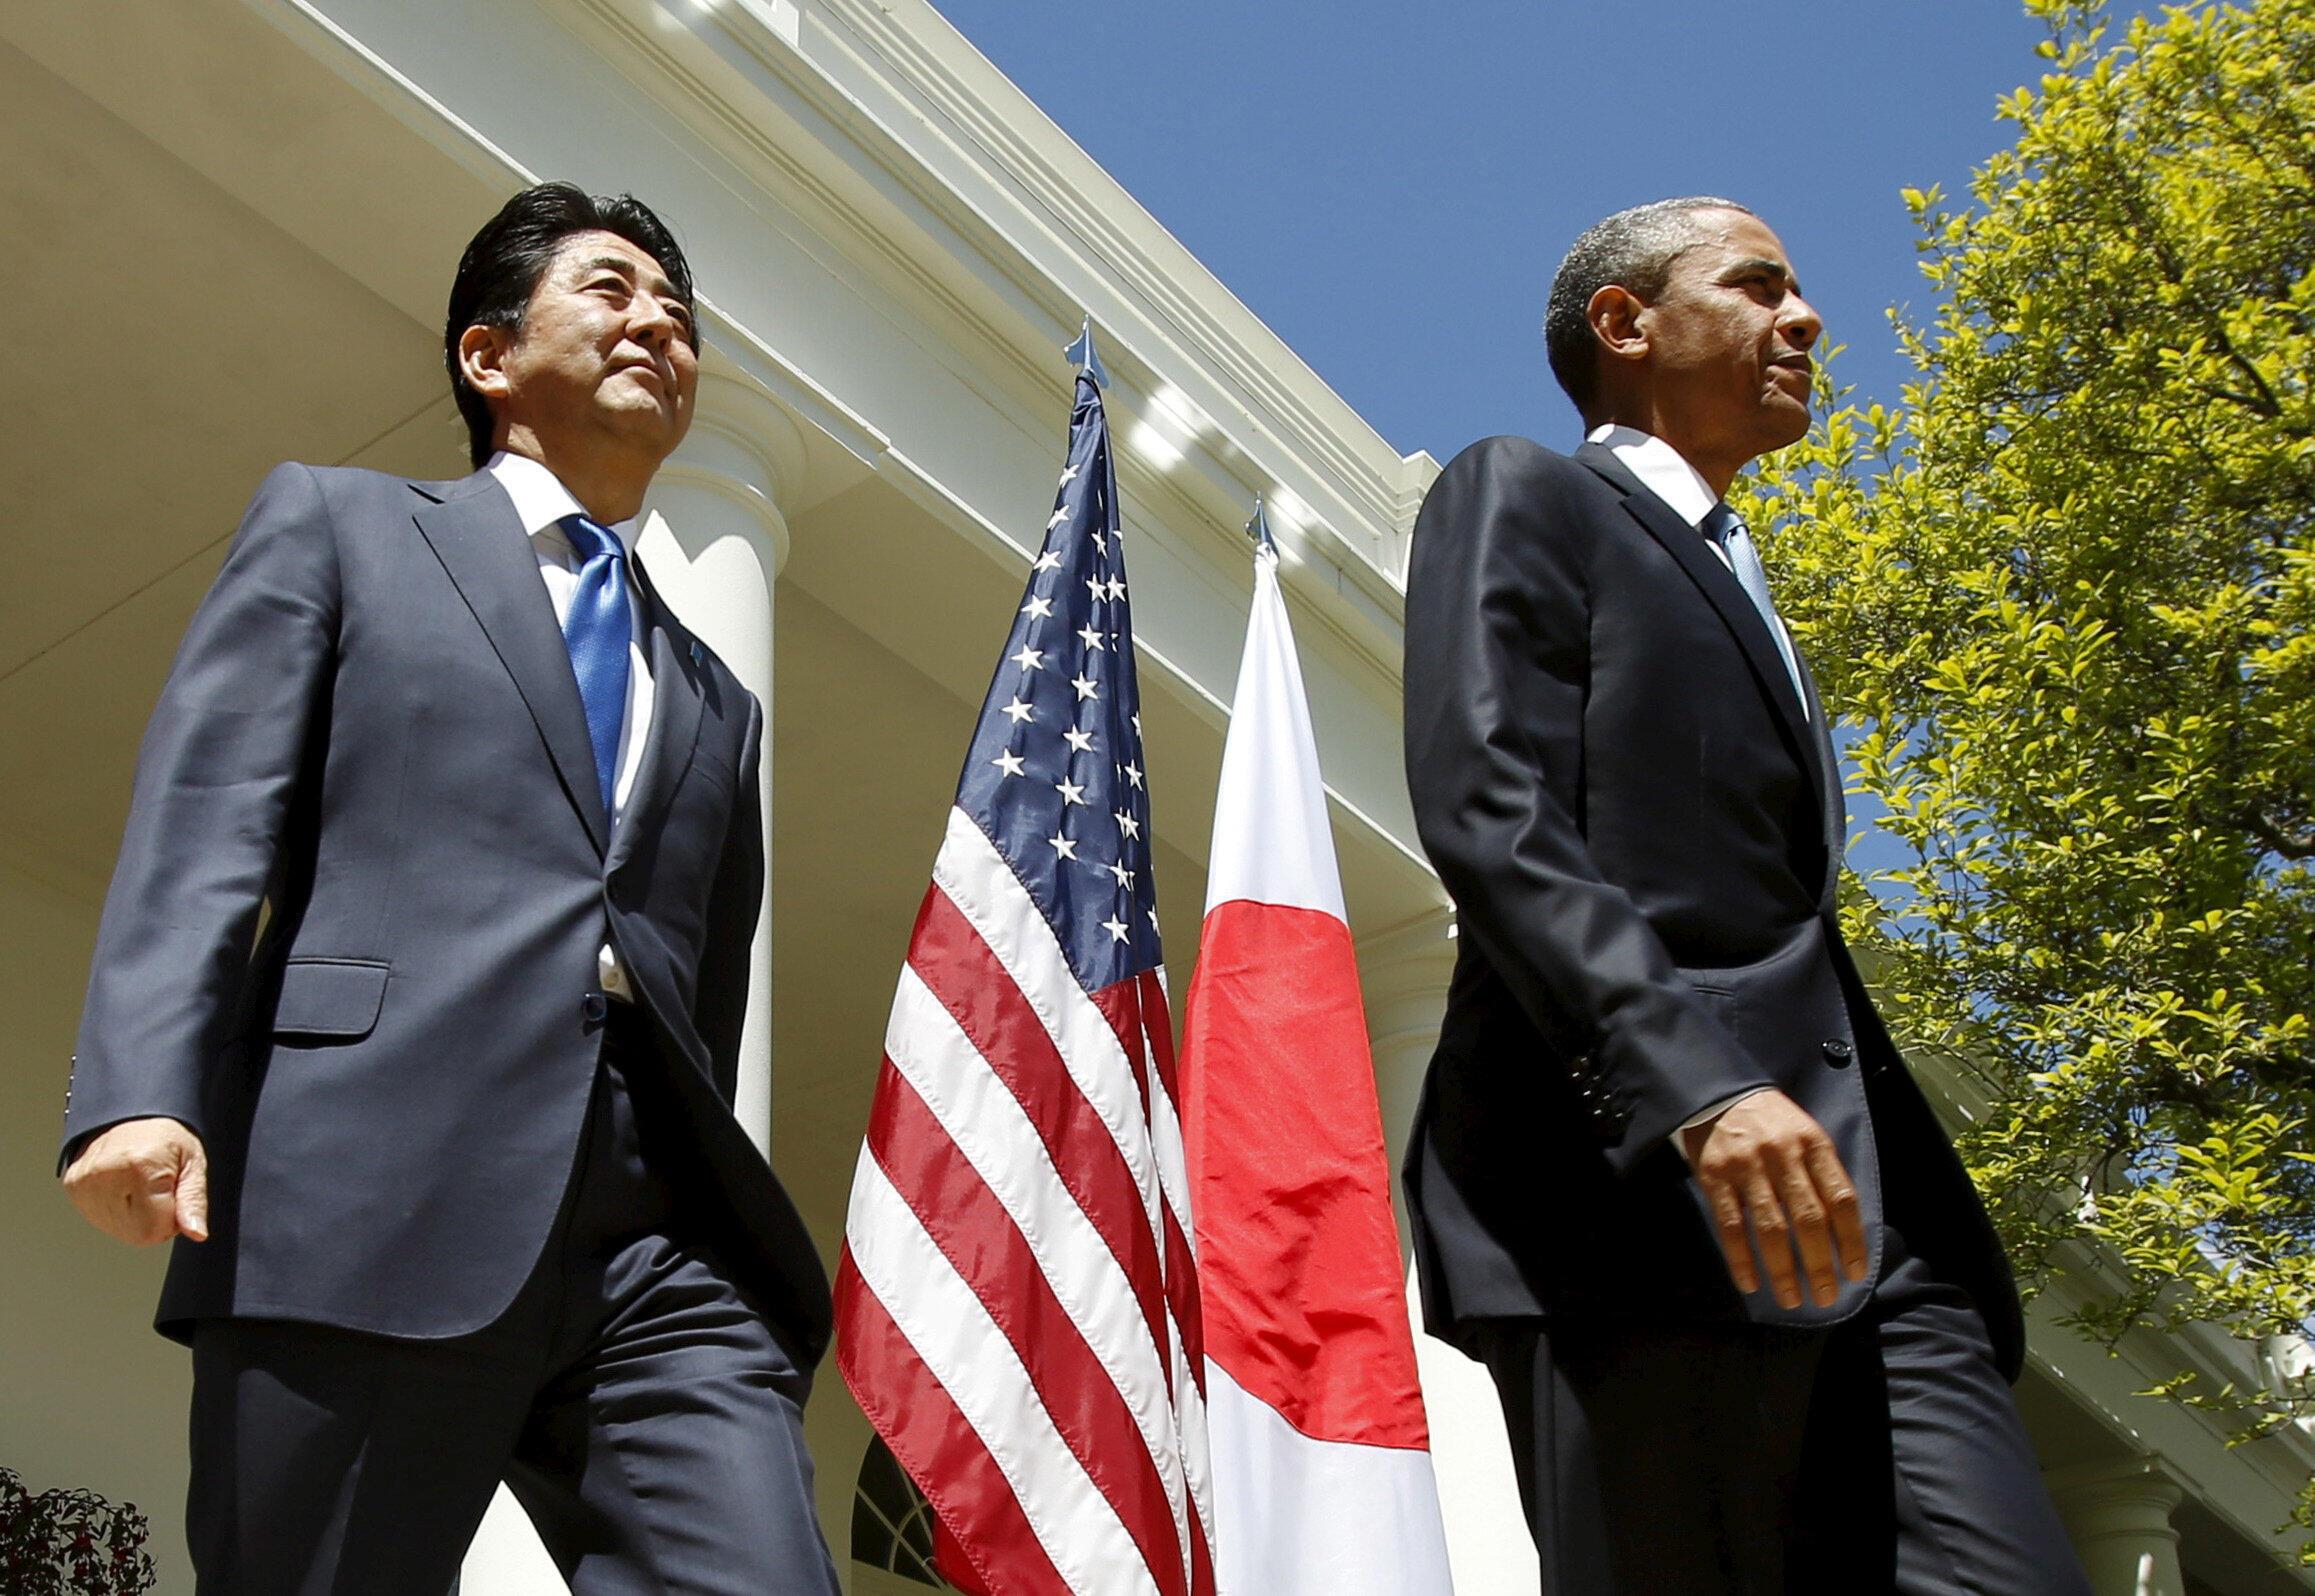 Премьер-министр Японии Синдзо Абэ (слева) и президент США Барак Обама на пресс-конференции в Вашингтоне, 28 апреля 2015 г.